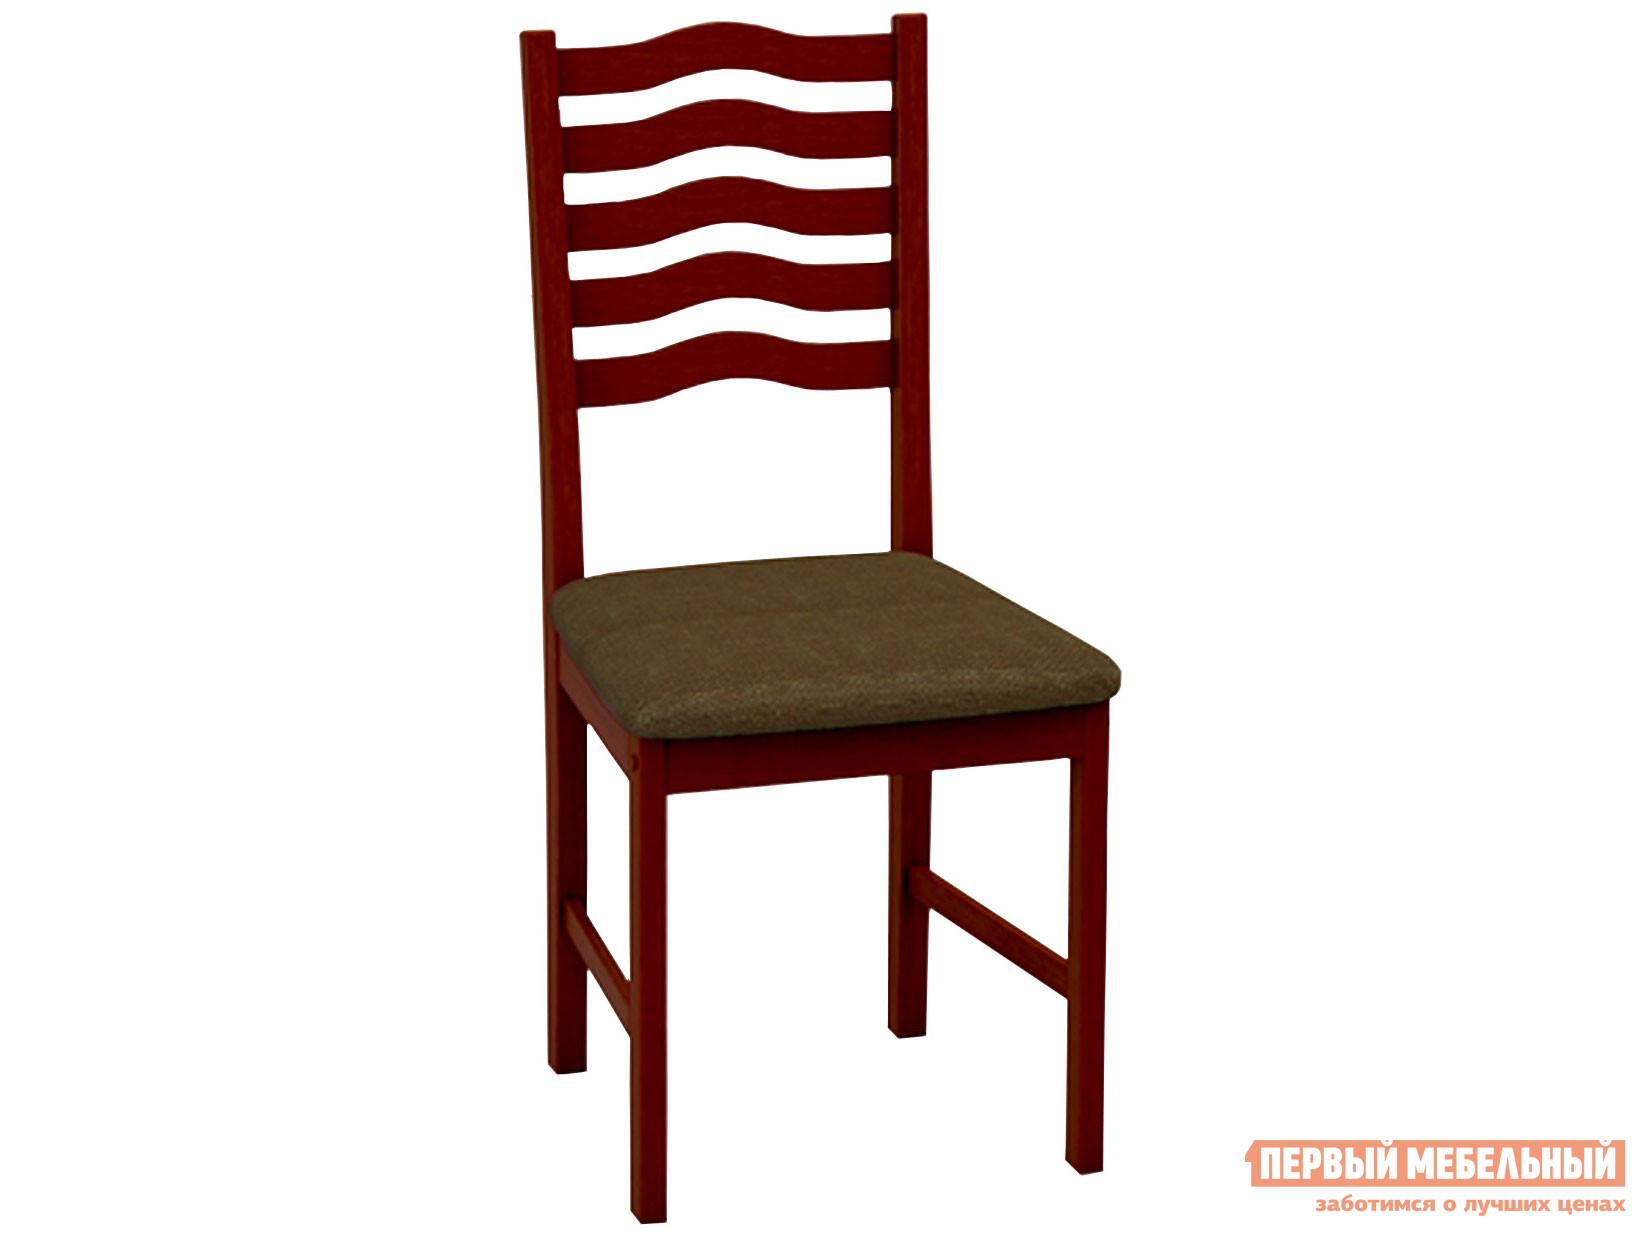 кухонный стул дик стул сибарит 35 11 Стул ДИК Стул М11